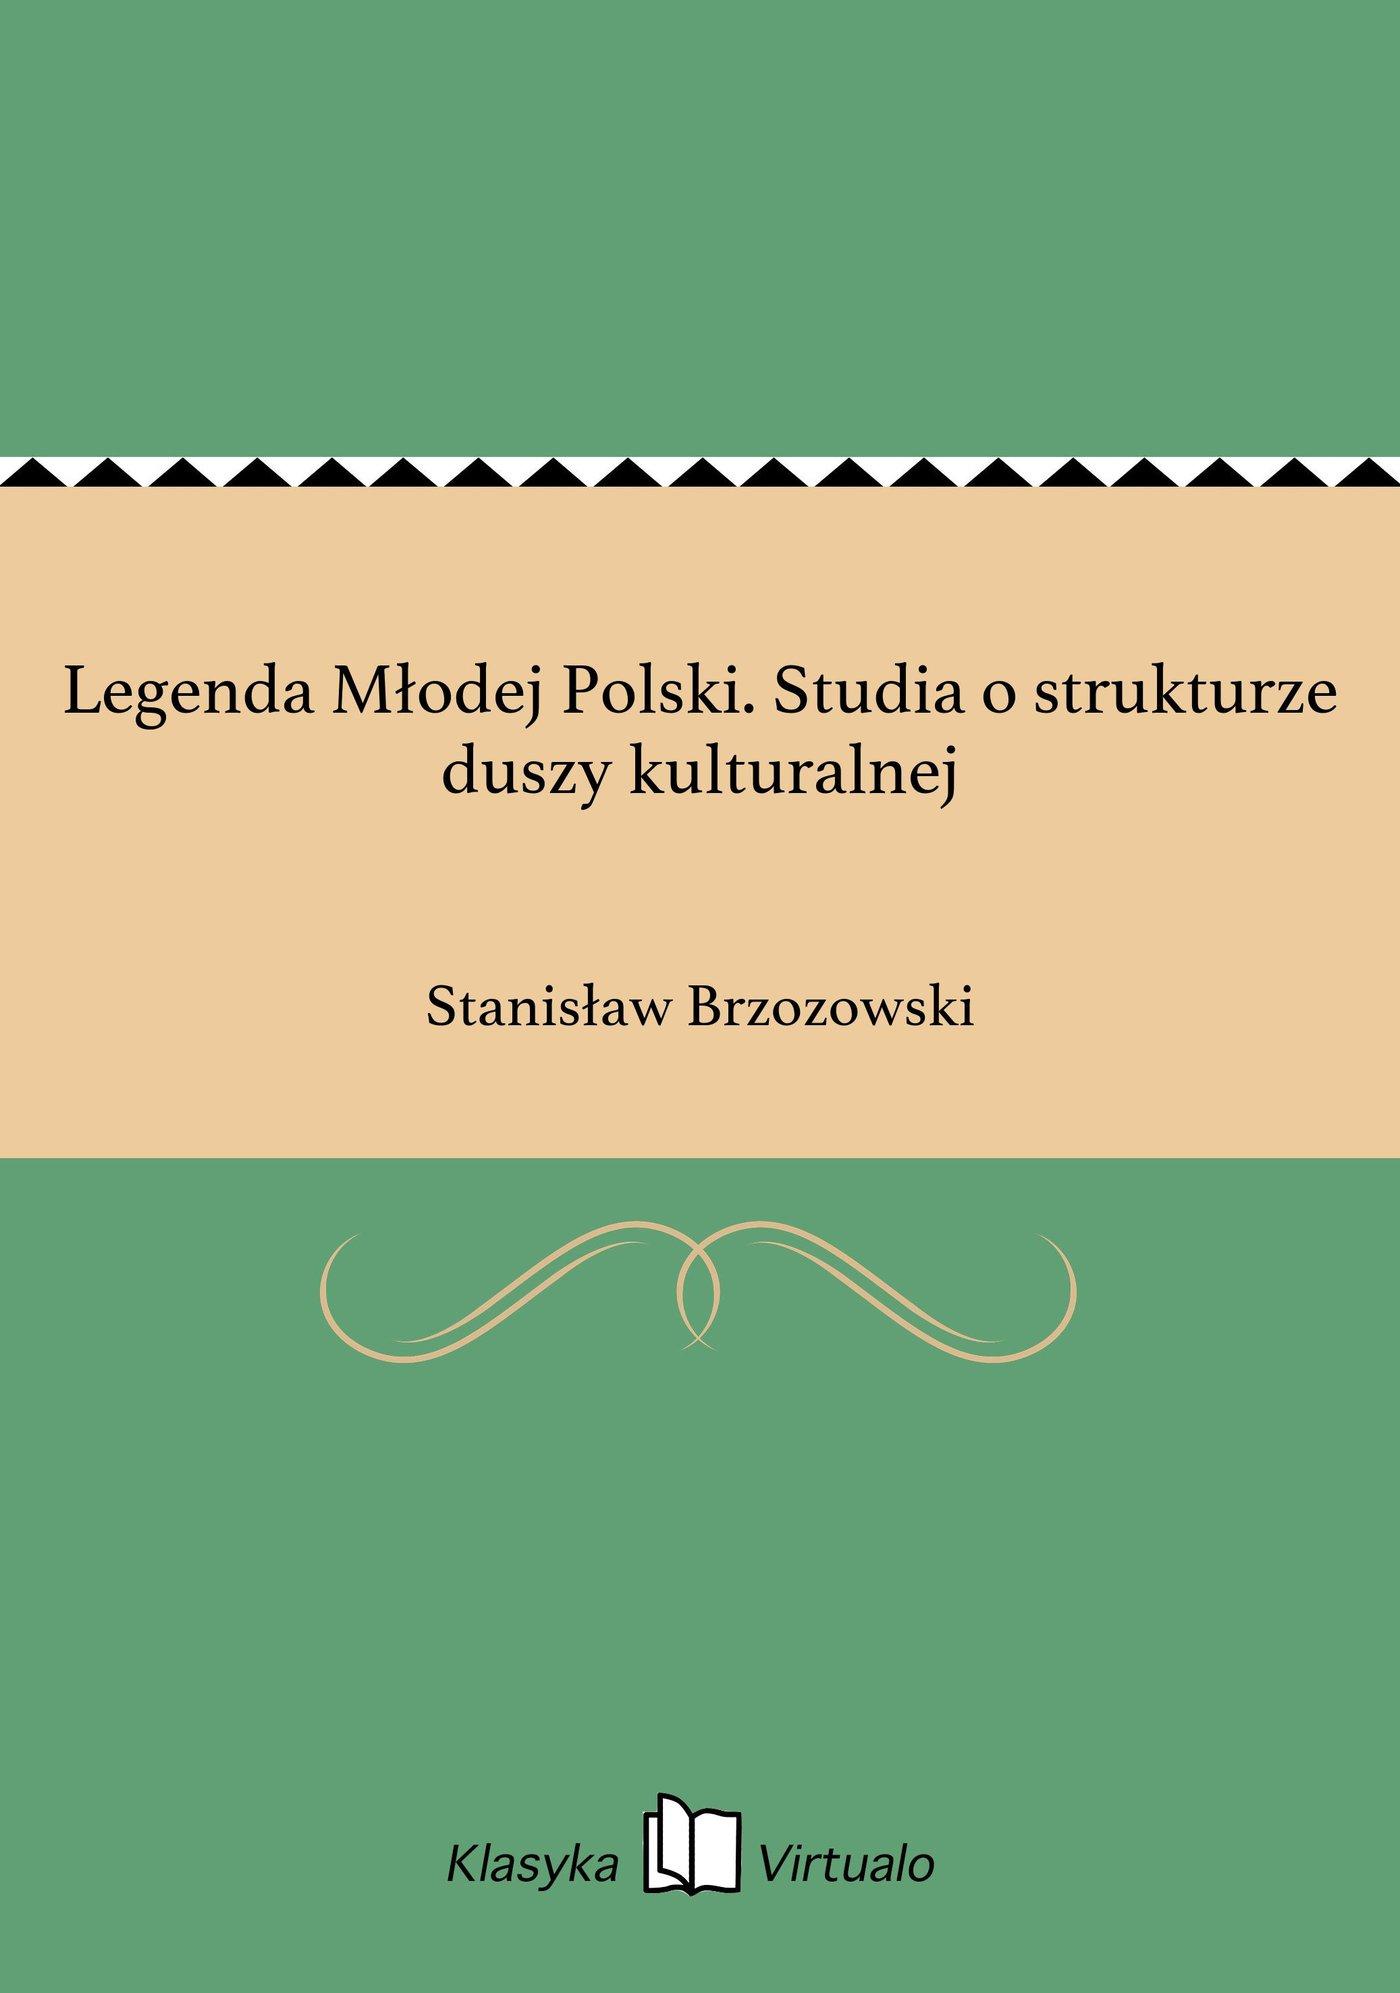 Legenda Młodej Polski. Studia o strukturze duszy kulturalnej - Ebook (Książka EPUB) do pobrania w formacie EPUB